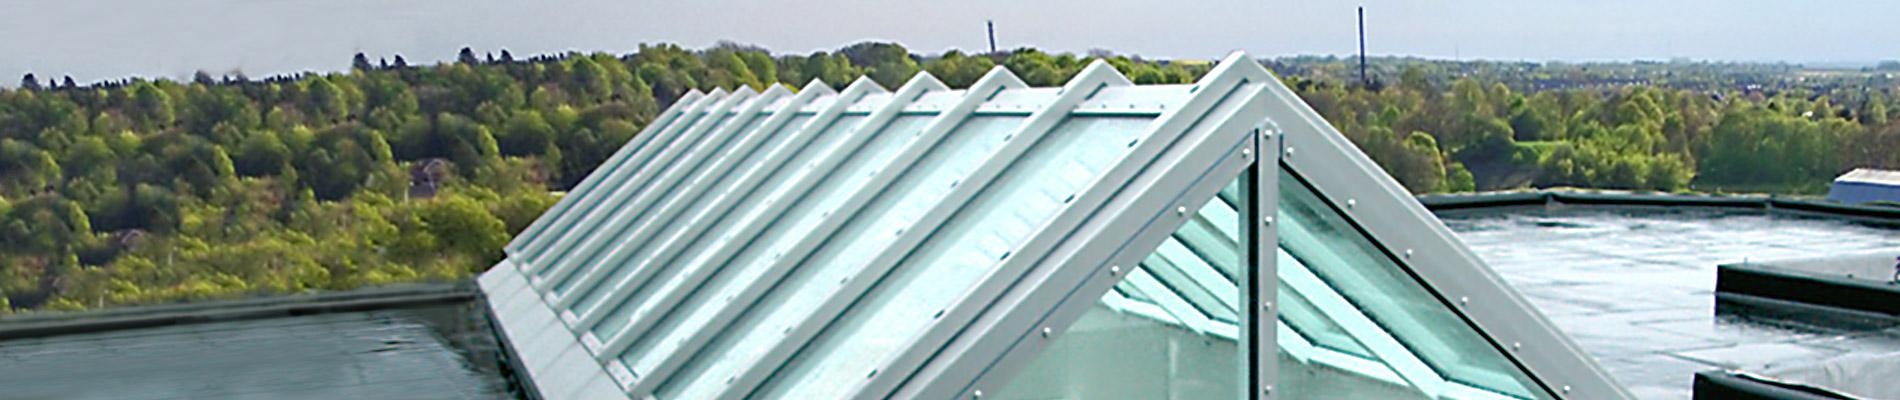 Brandschutz Satteldach – Verglasung mit Feuerwiderstandsklasse F30